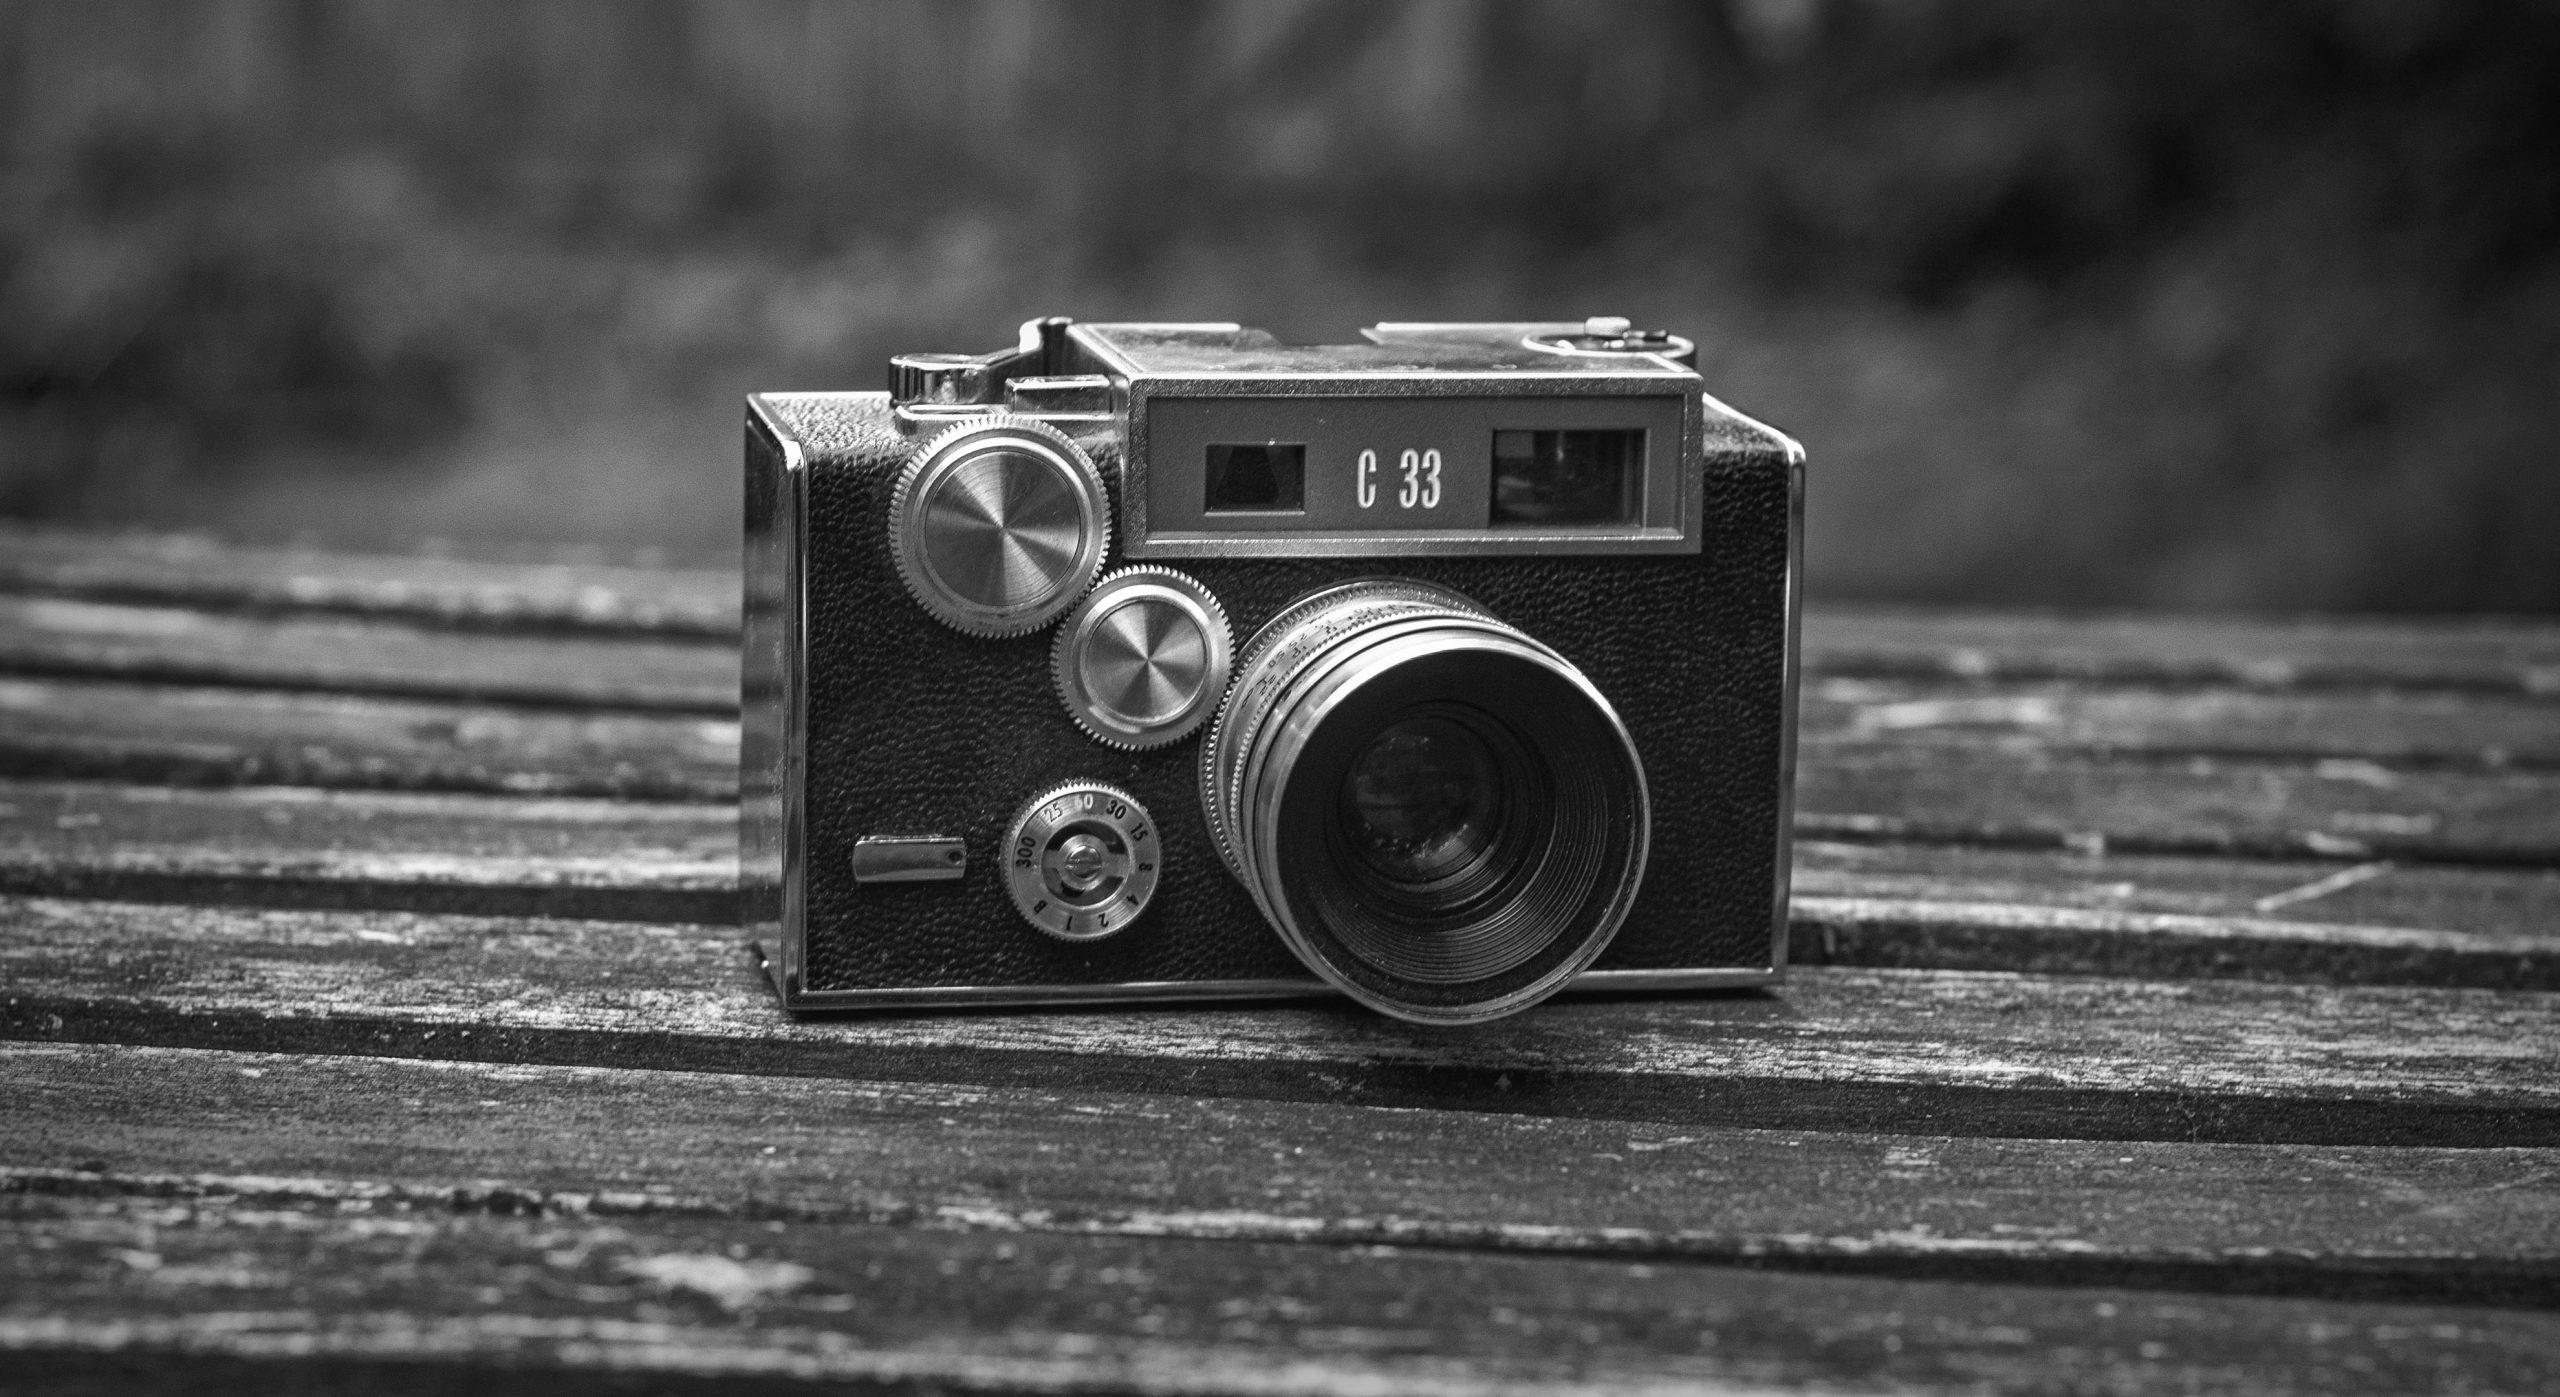 Argus C33 35mm film camera